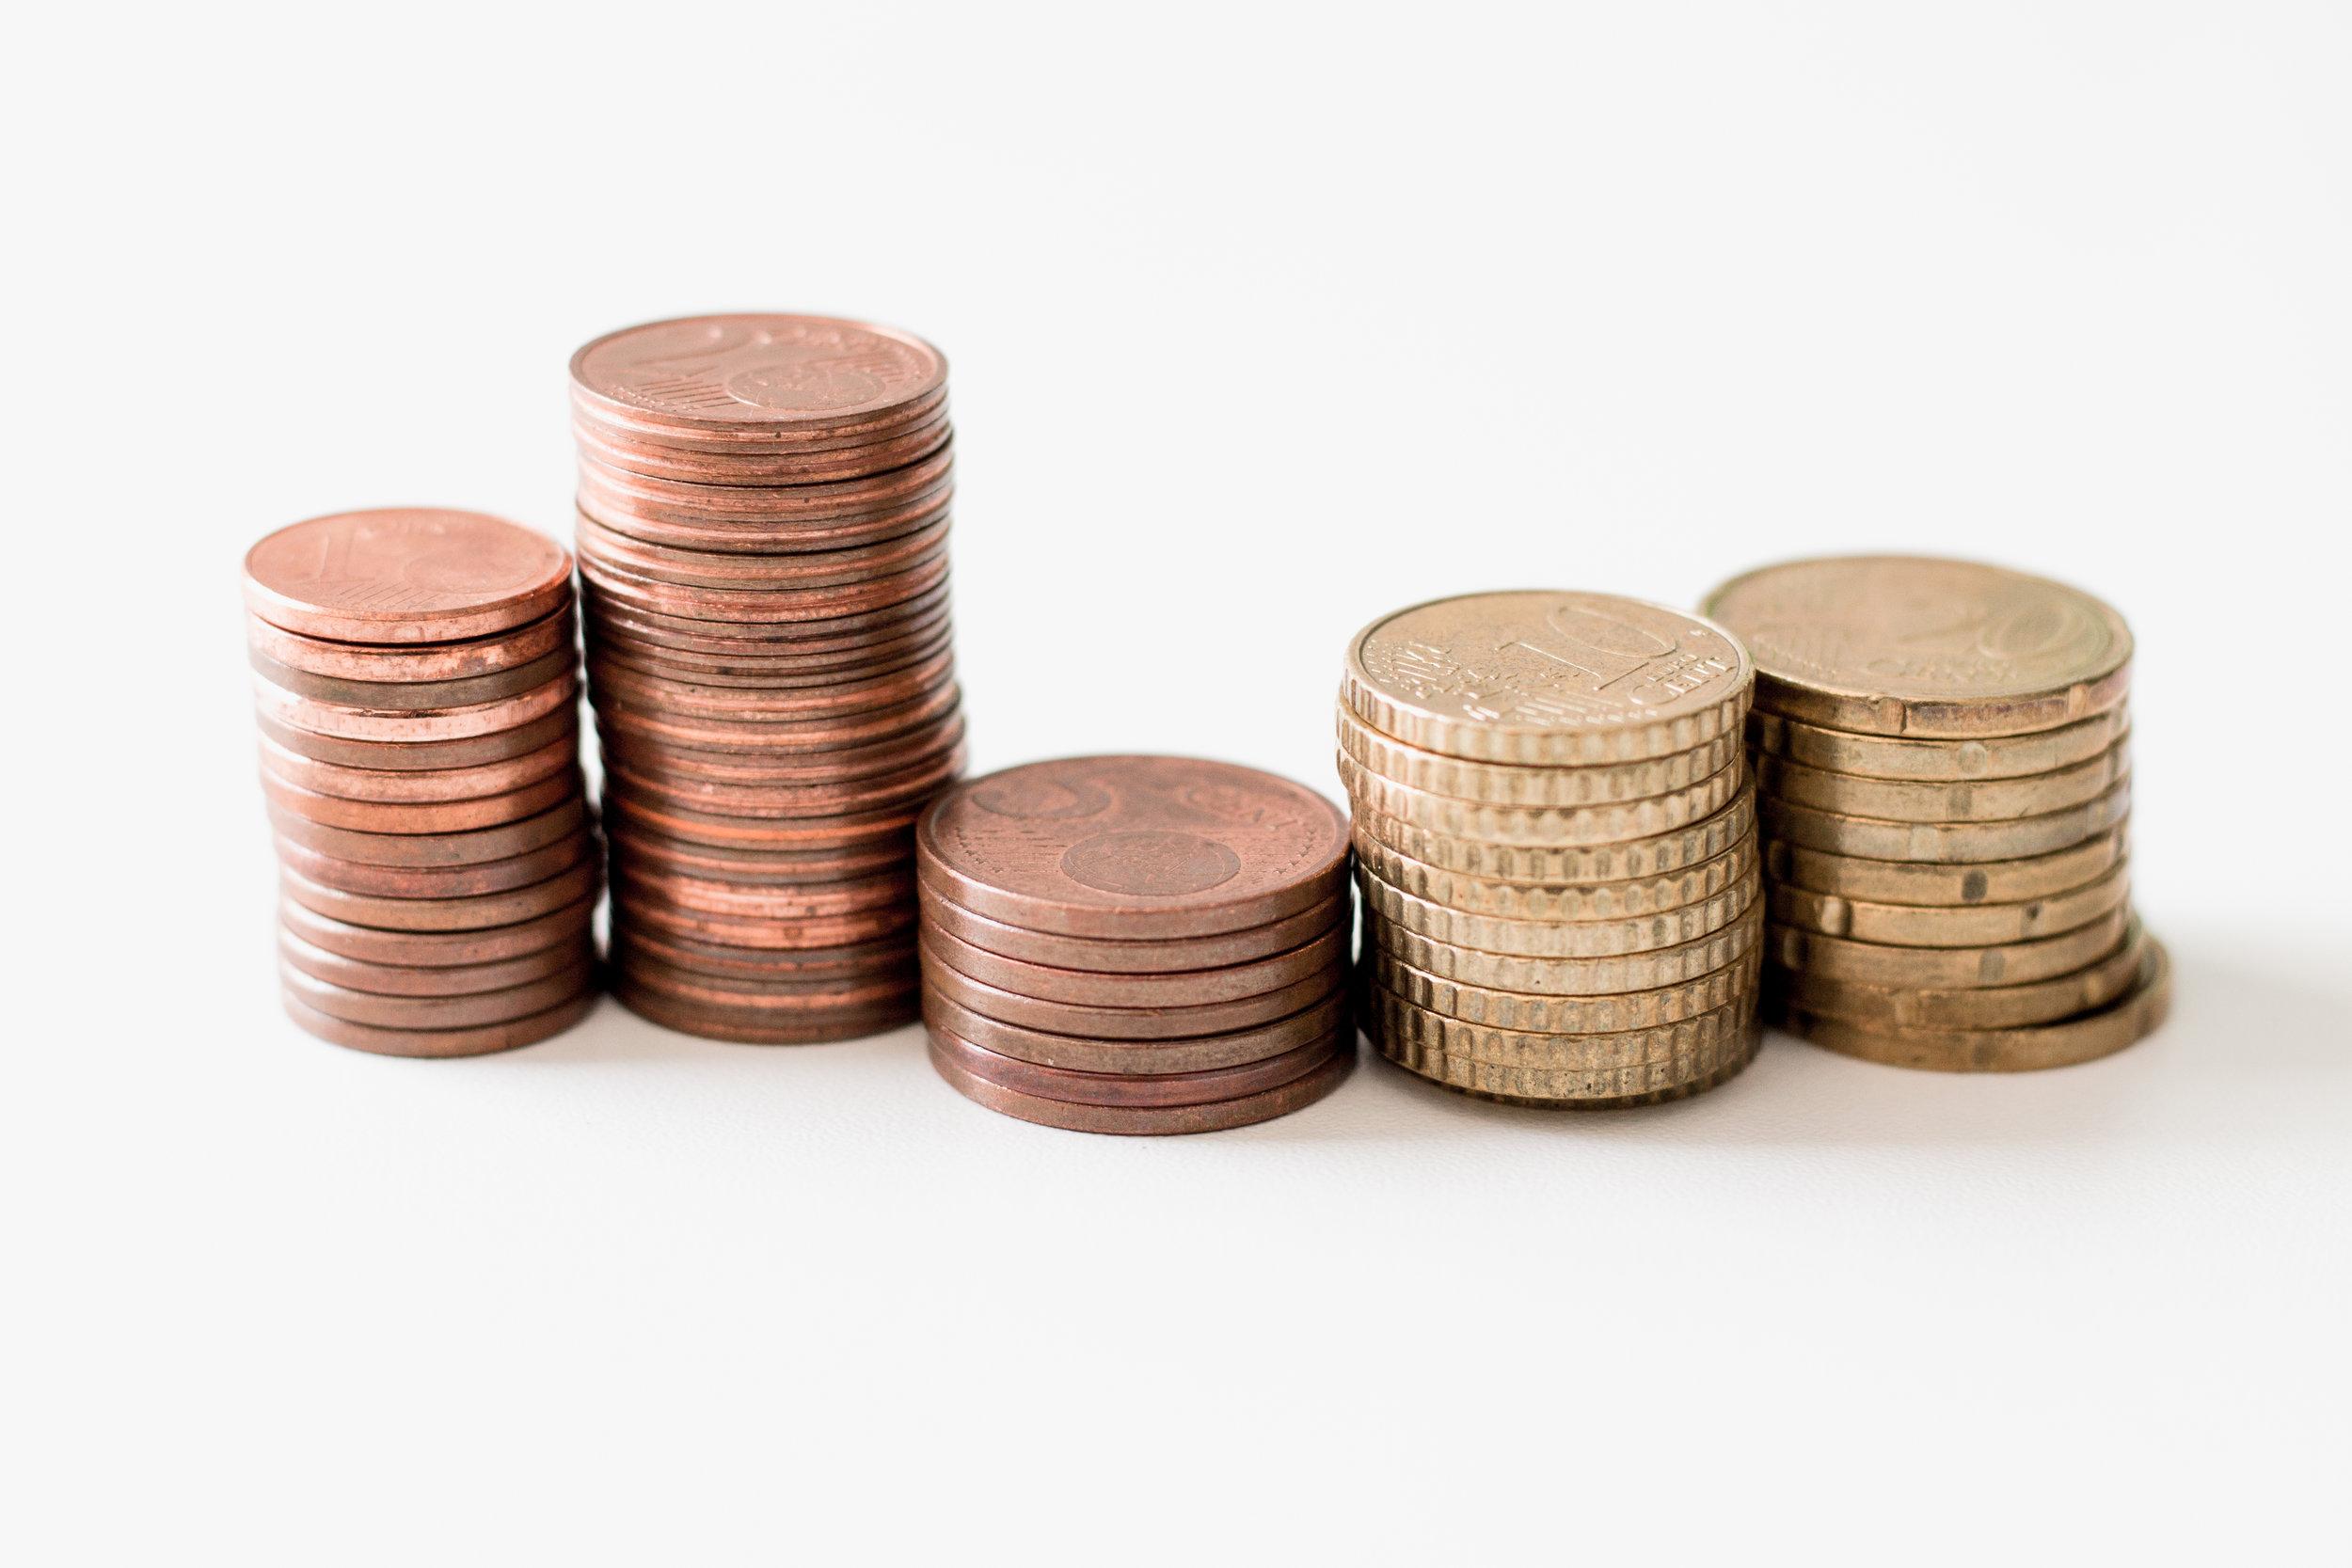 PRISVÄRT - Har du högst 40 aktieägare är tjänsten gratis för vår enkla aktiebok. Har du flera aktieägare eller behöver du vår fulla aktieägarportal kostar det från 49 kronor per månad. Du får prova tjänsten kostnadsfritt i 30 dagar.